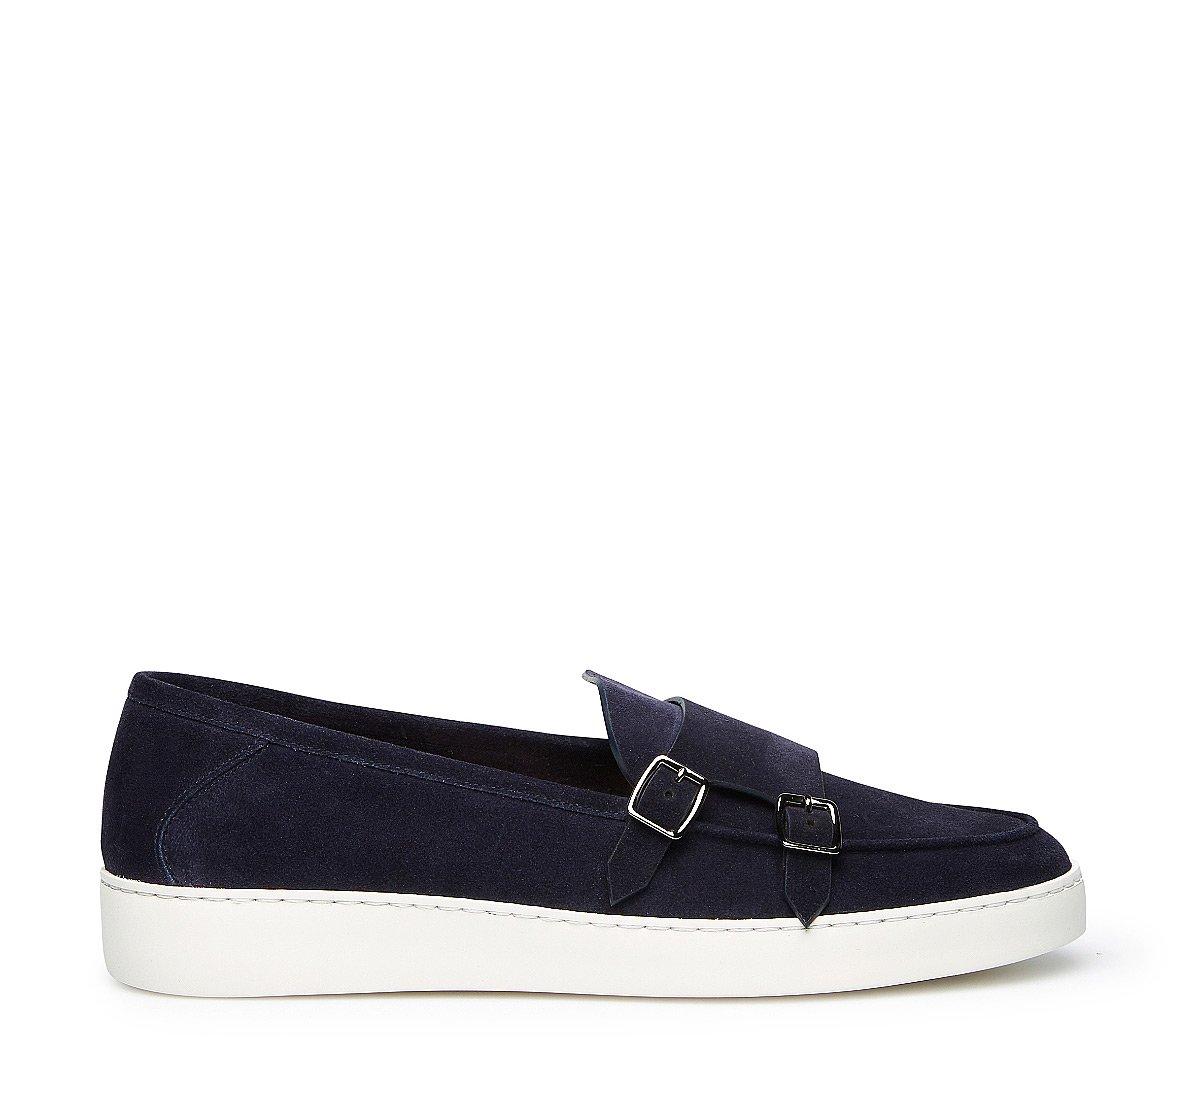 JACKSON double monk strap shoes